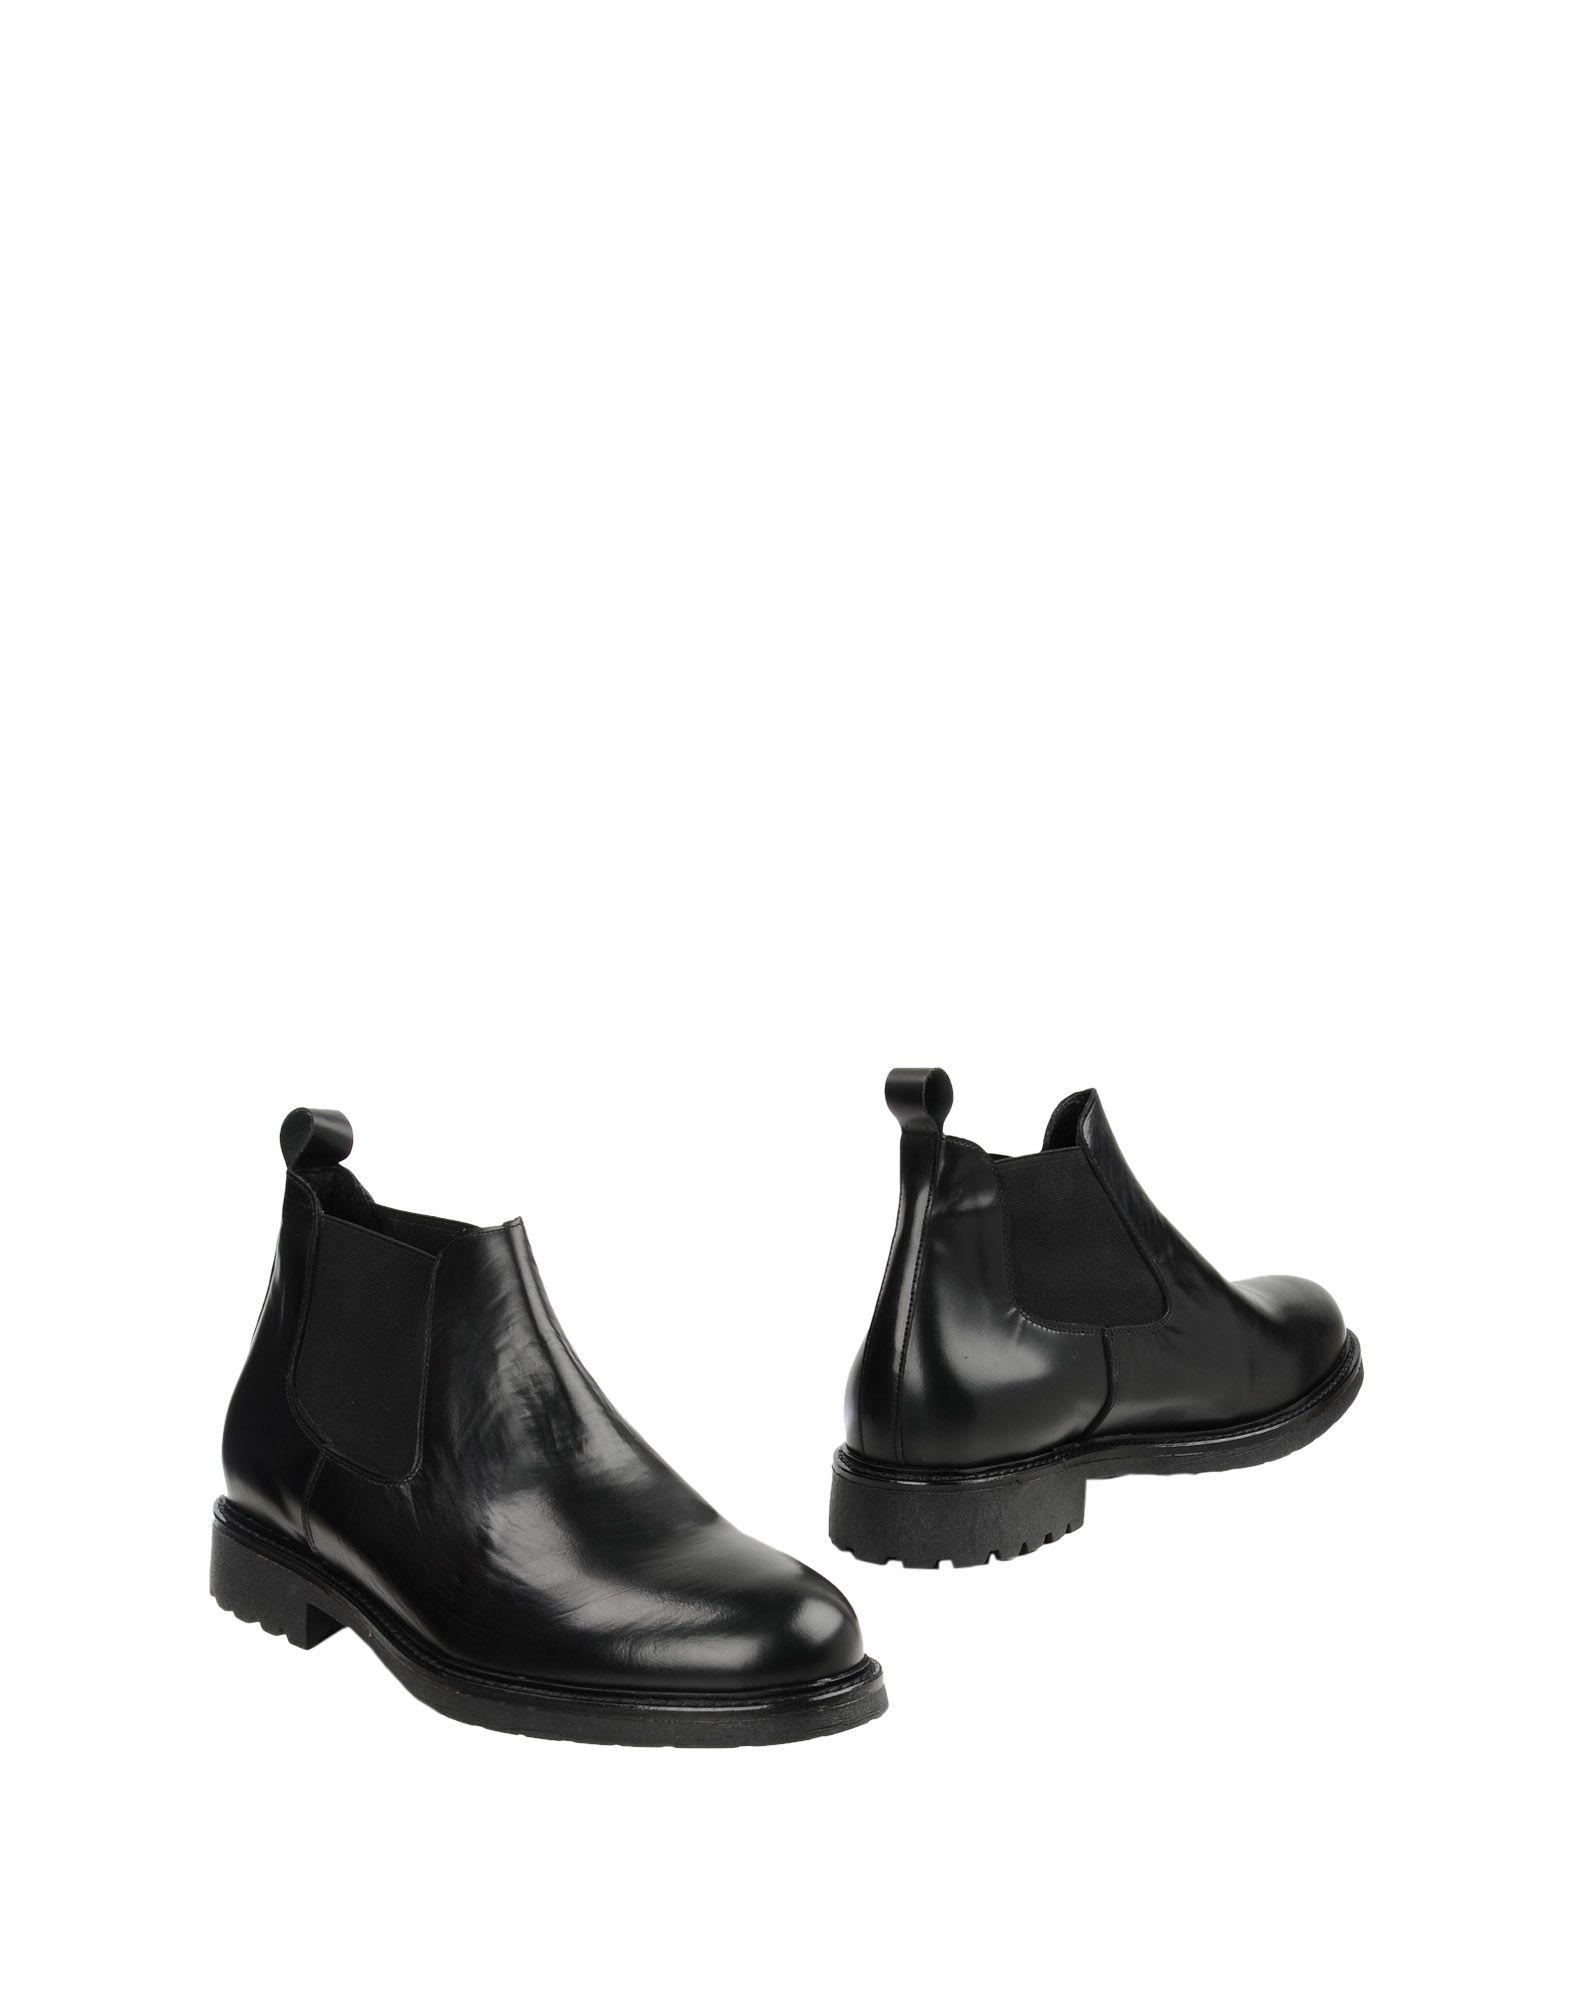 DOUBLES 4 YOU® Полусапоги и высокие ботинки купить футбольную форму челси торрес